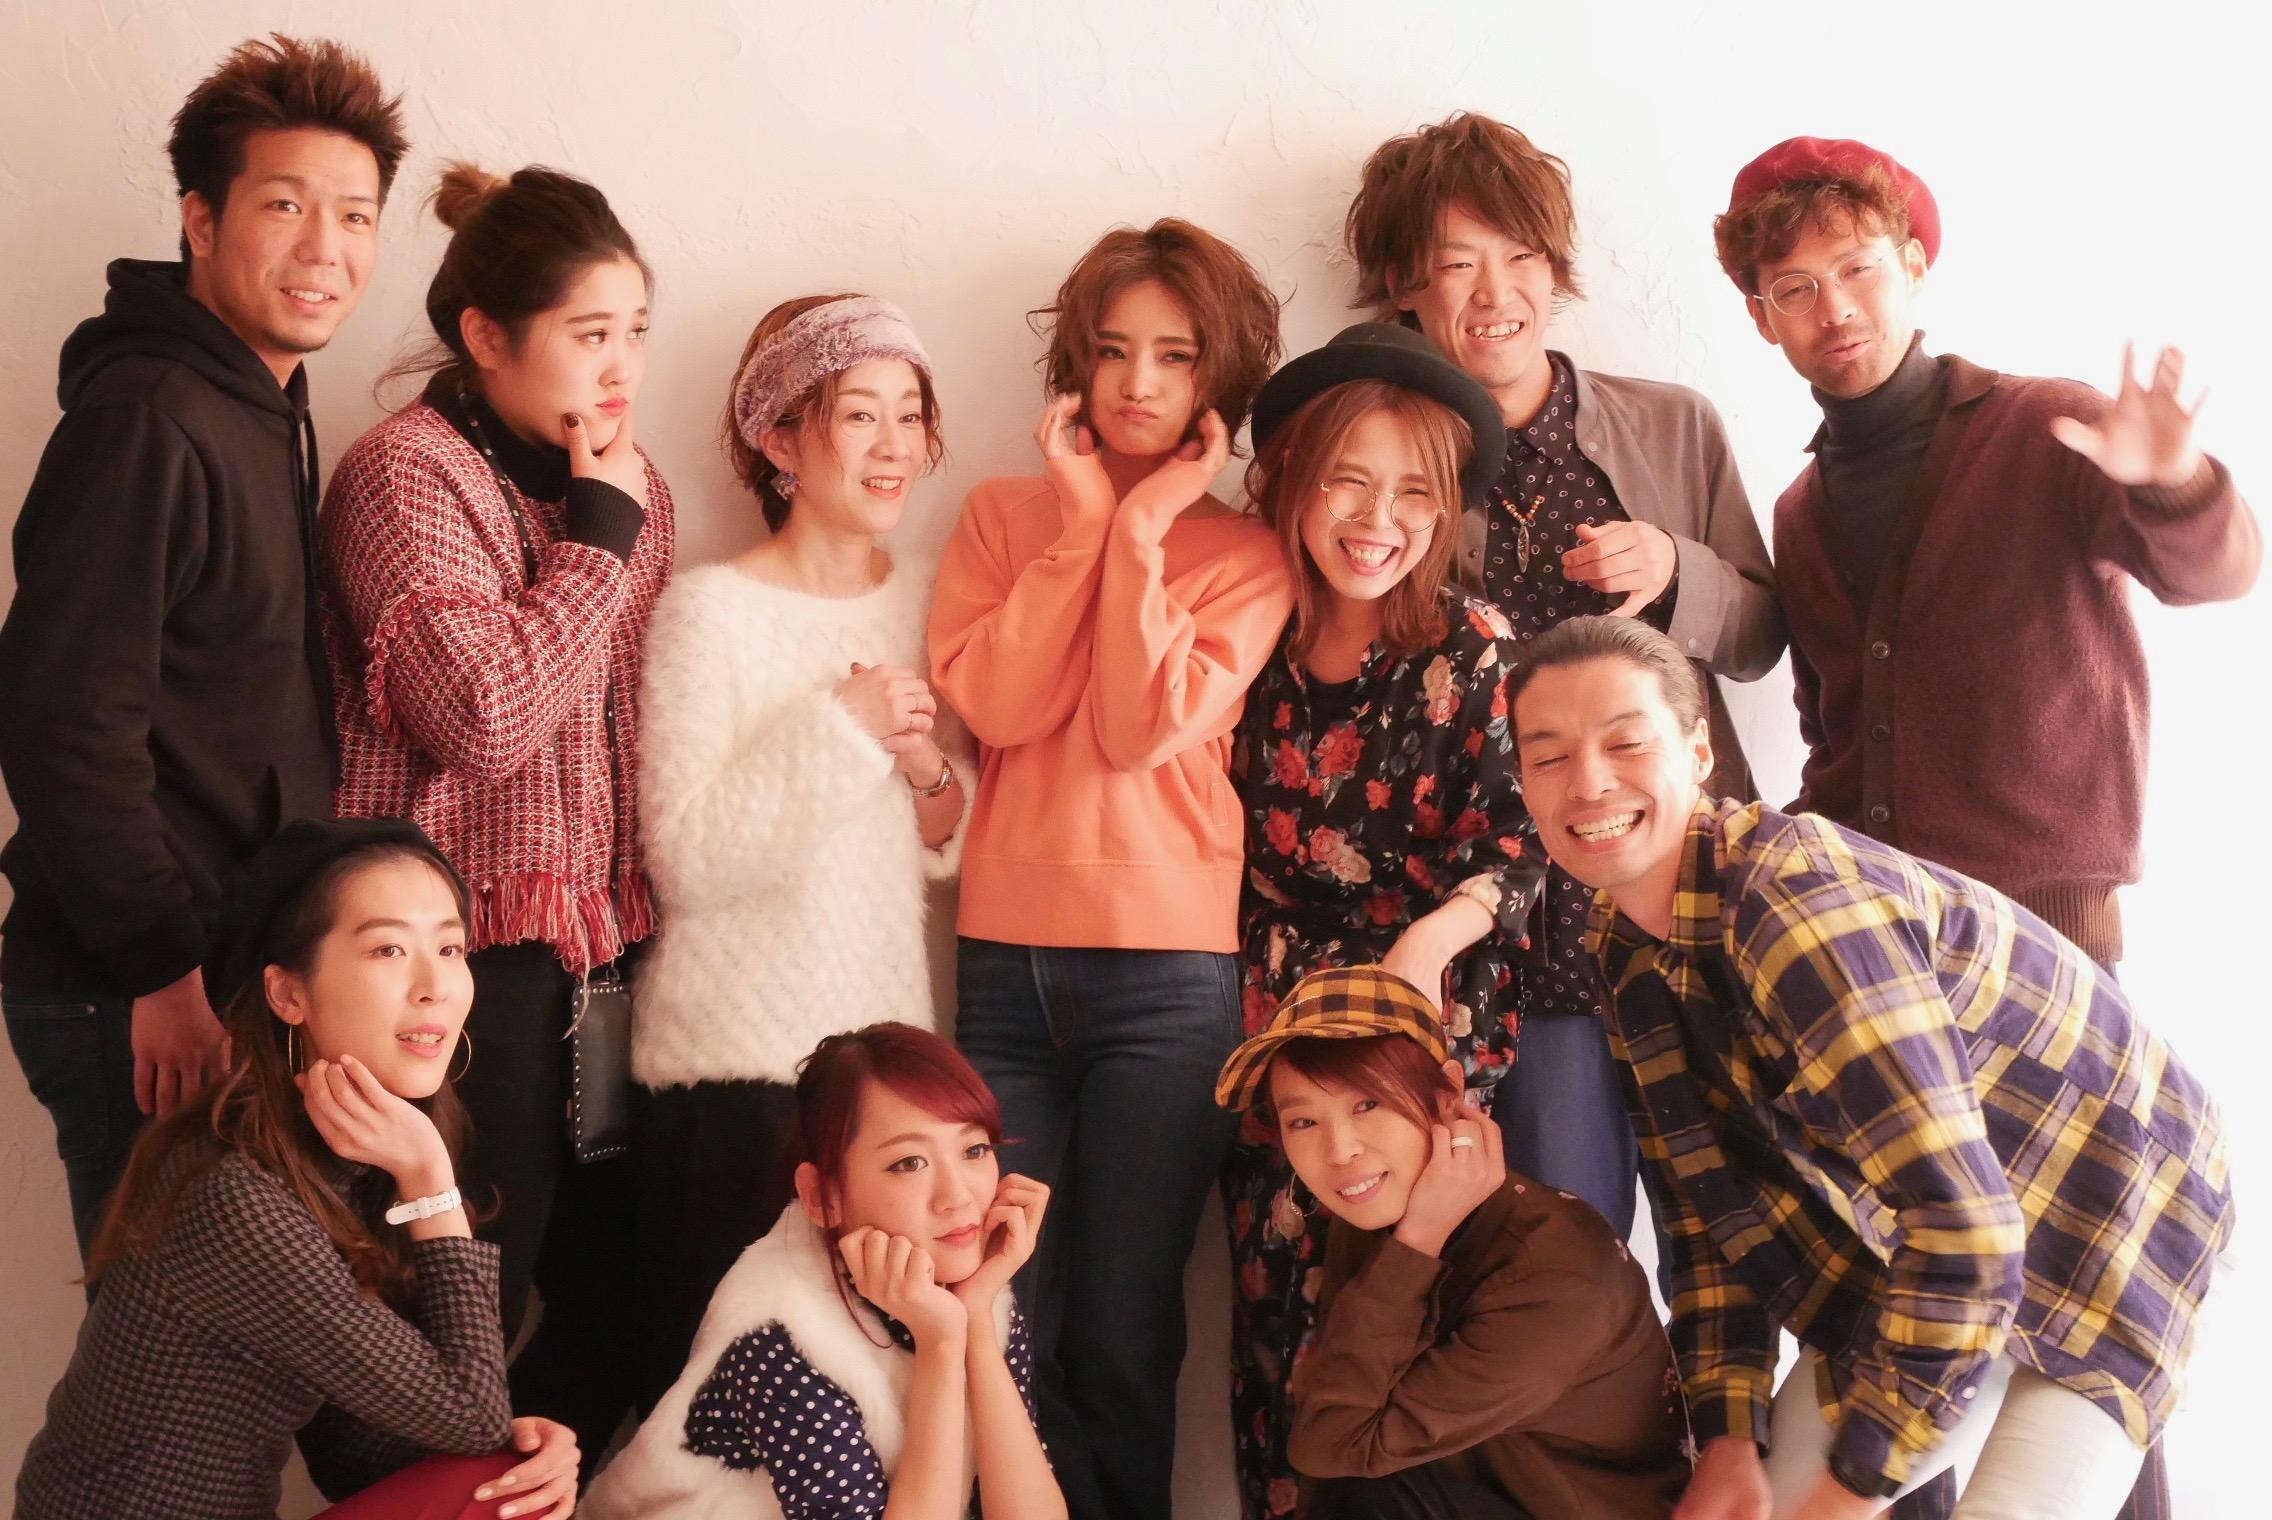 2018 5月7日 美容学生専門の就活ガイダンス 就職カンファレンス@Beauty 横浜開催